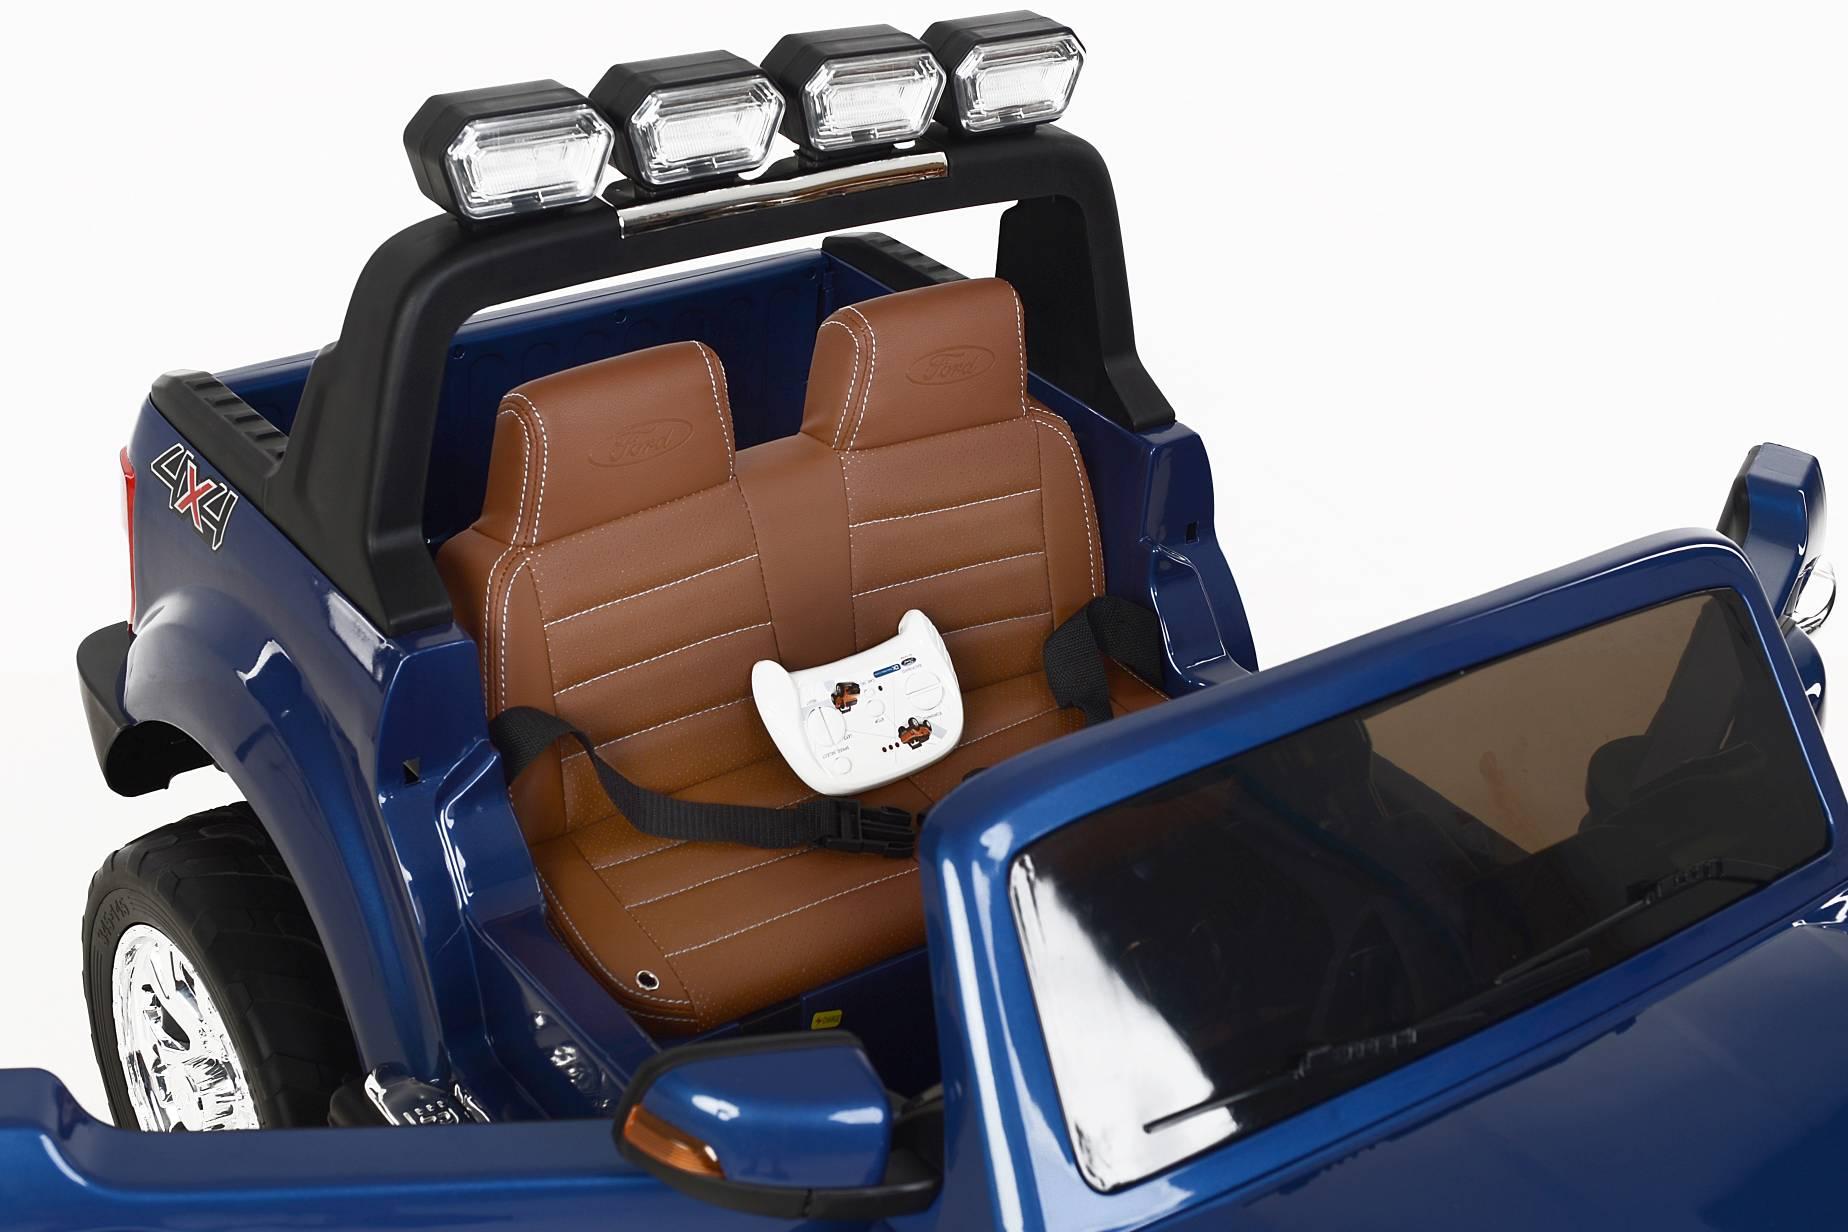 Sièges en cuir avec ceinture de sécurité